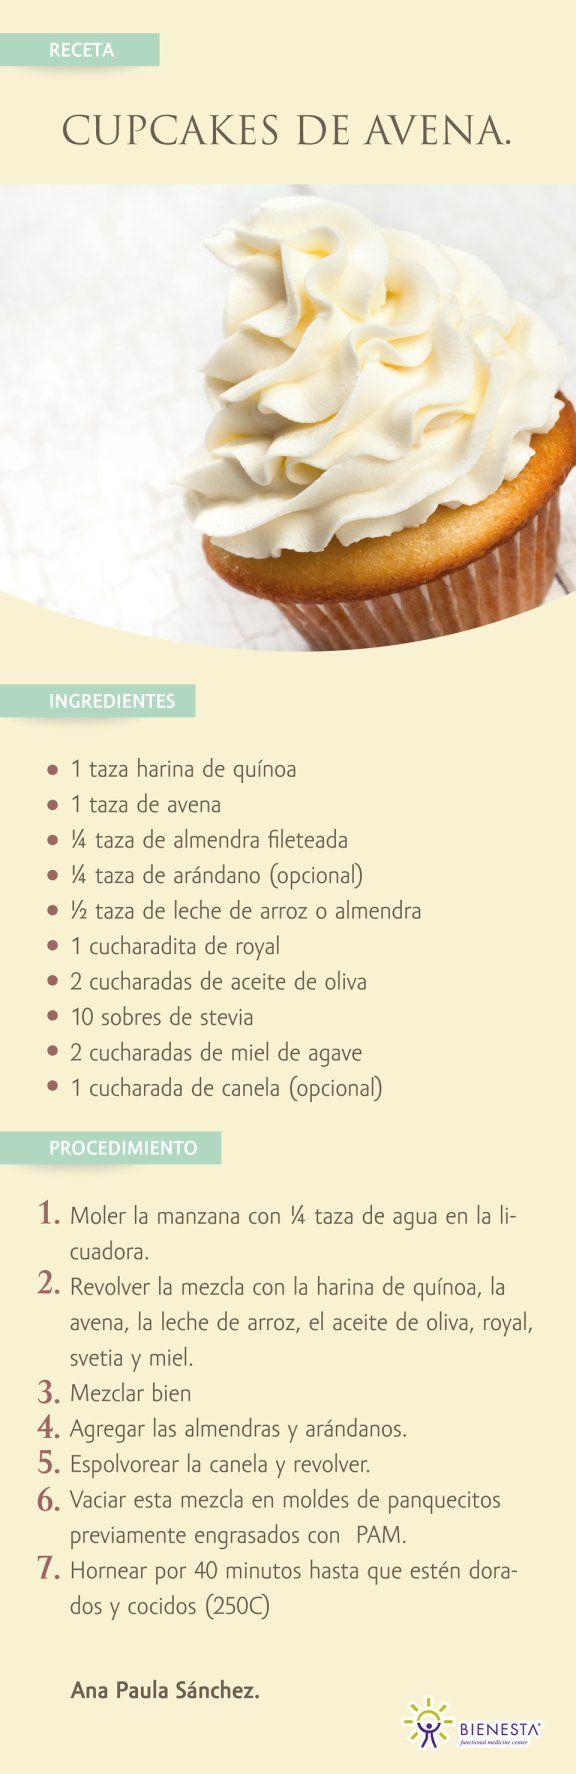 CUPCAKES DE AVENA Bienesta